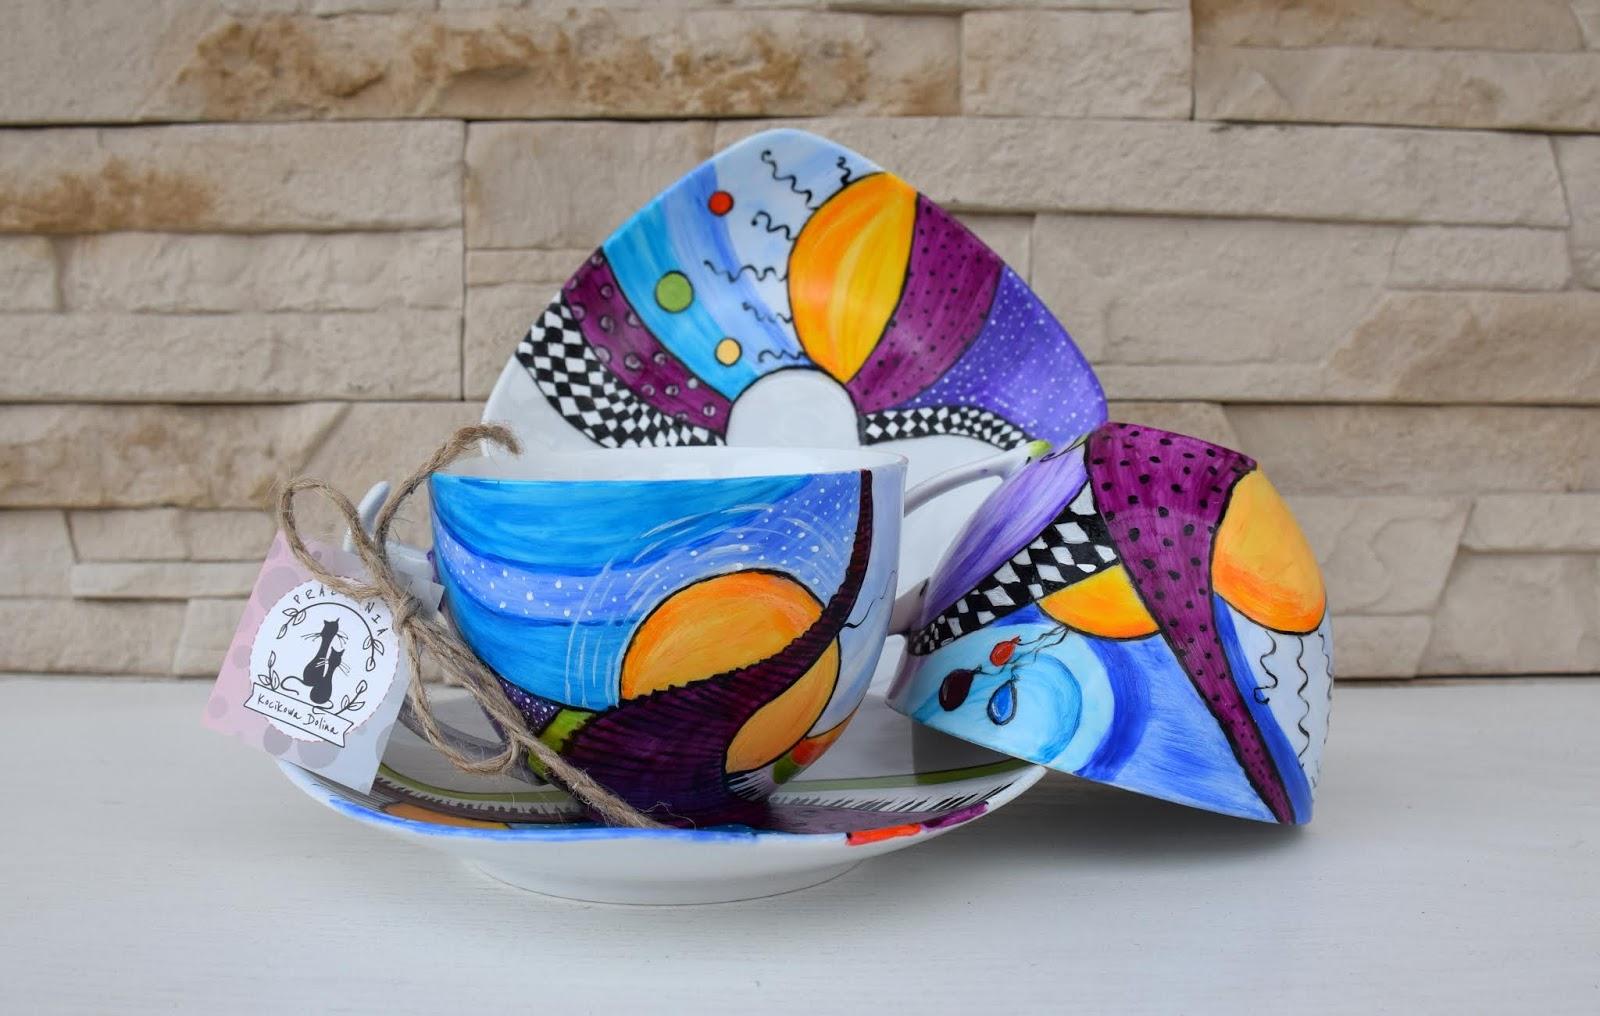 Iść w stronę słońca, trzecie urodziny bloga i wulkan energii na porcelanie